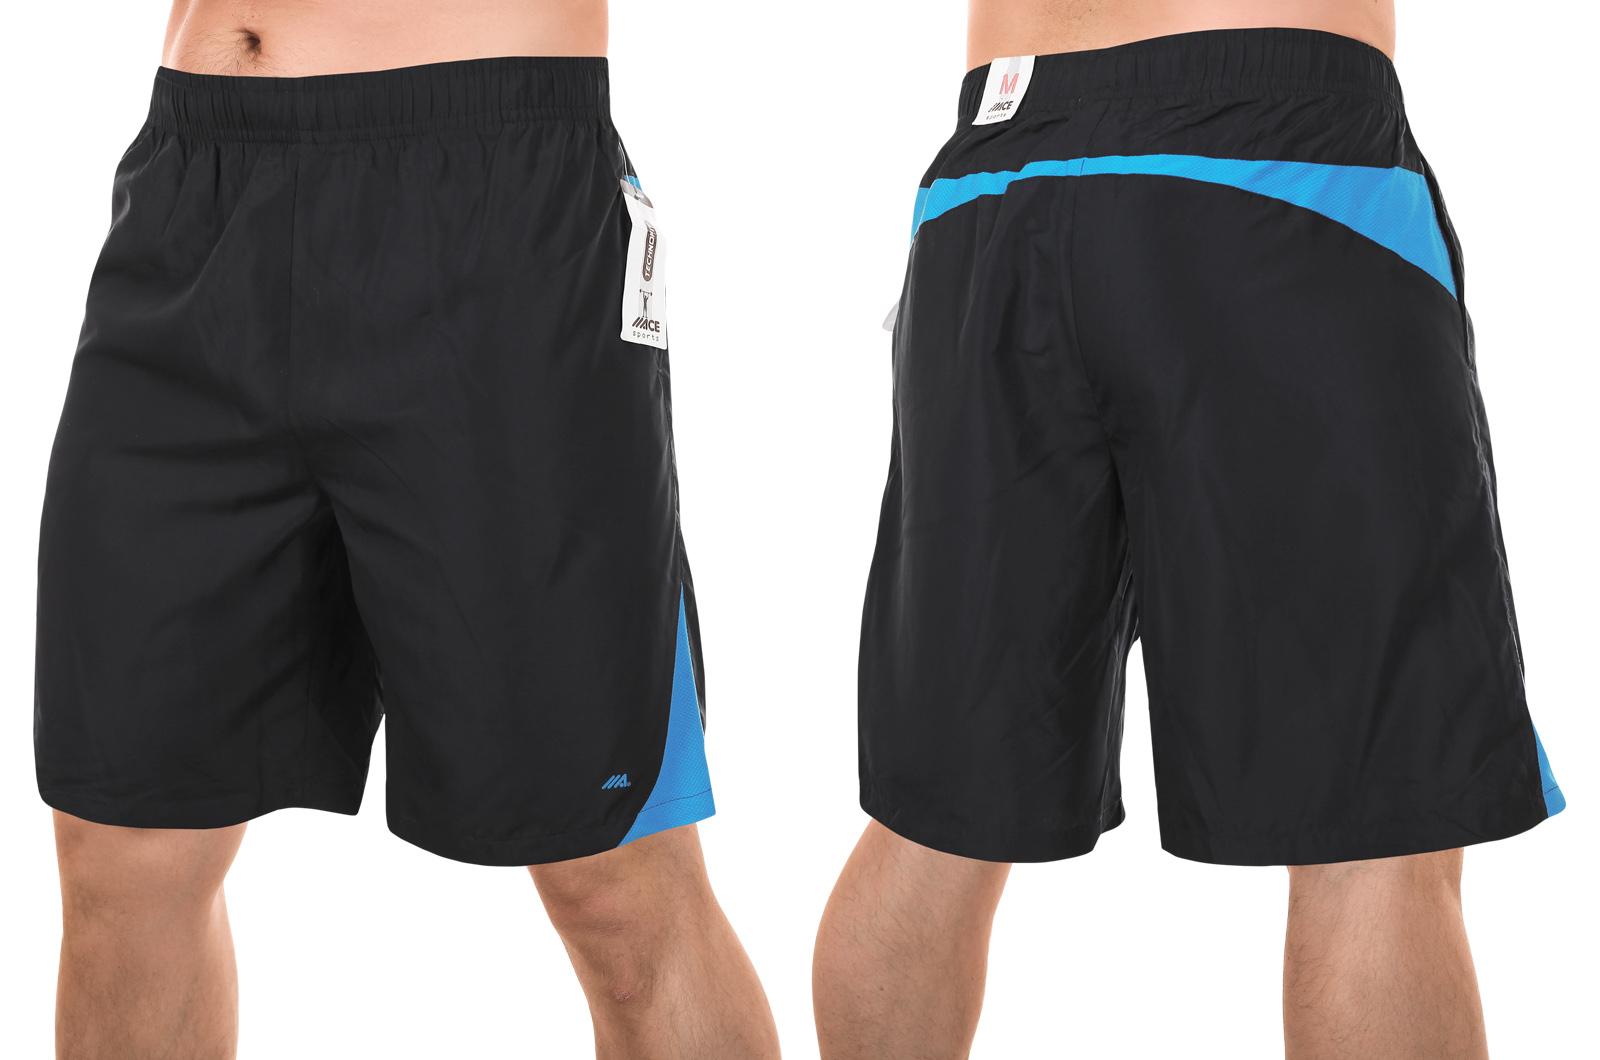 Заказать крутые мужские шорты от MACE для пляжного спорта (Канада)